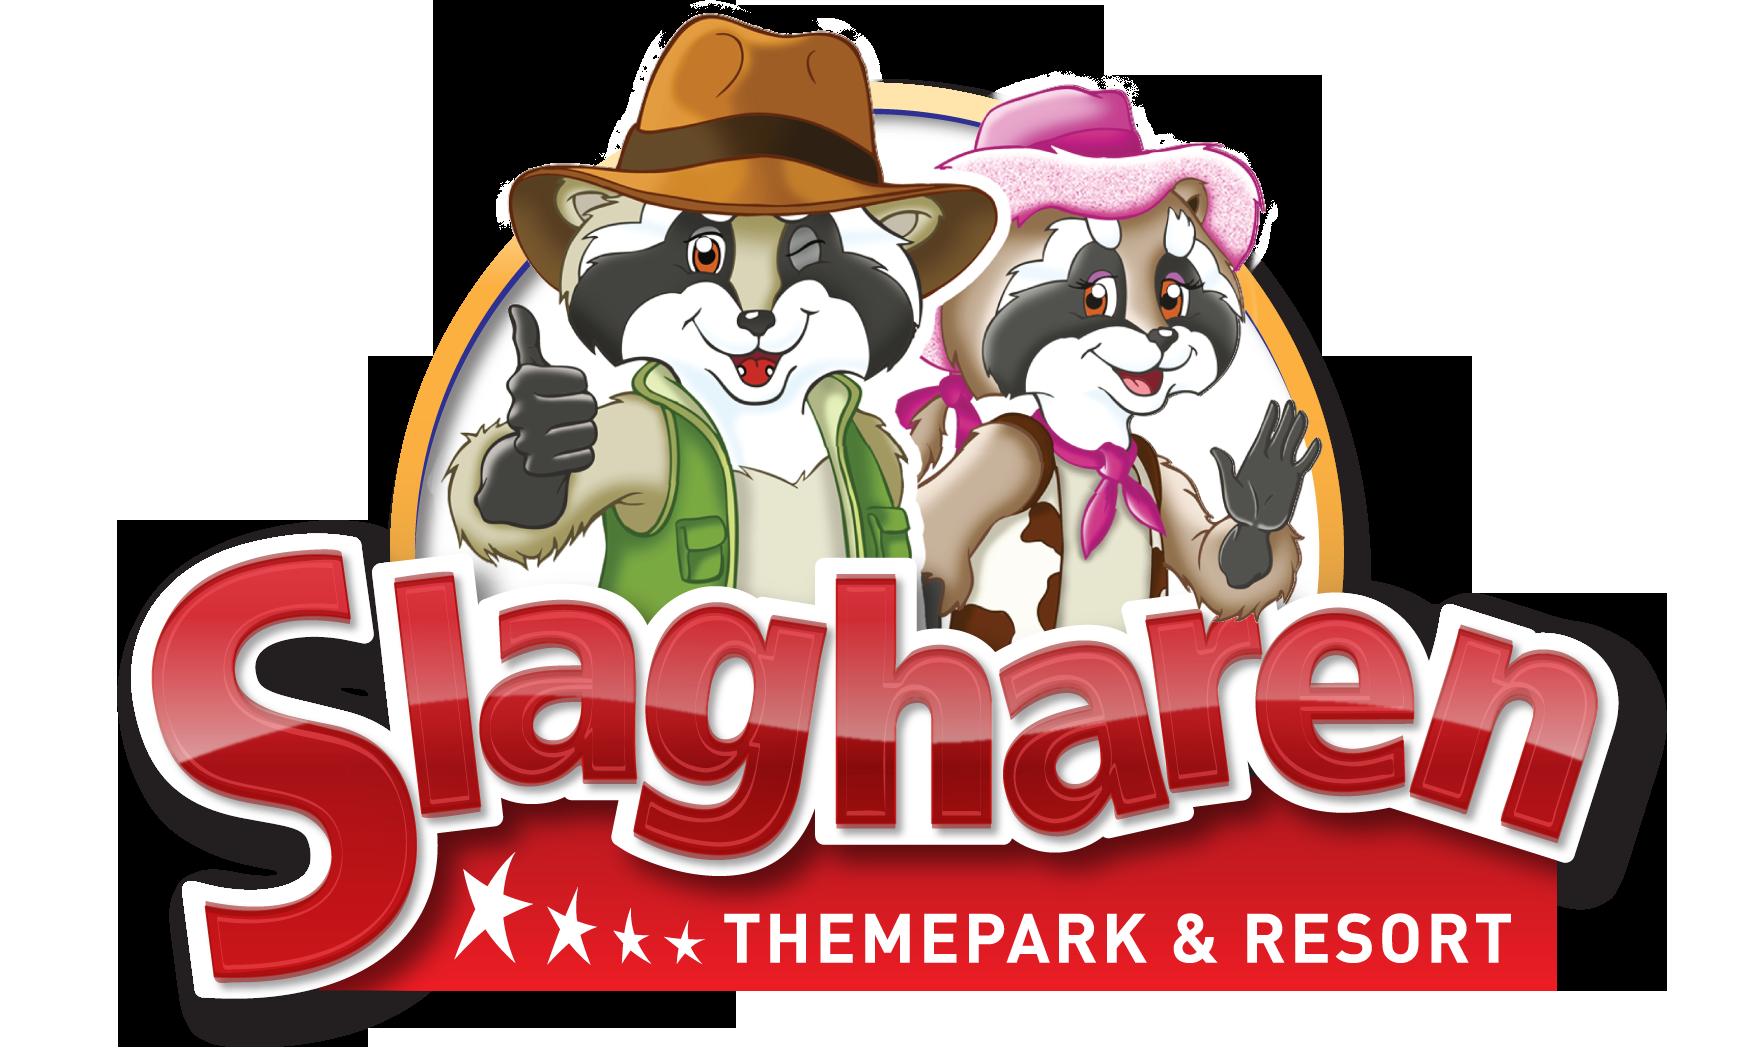 4. Slagharen een leuk attractiepark met verschillende thema's.